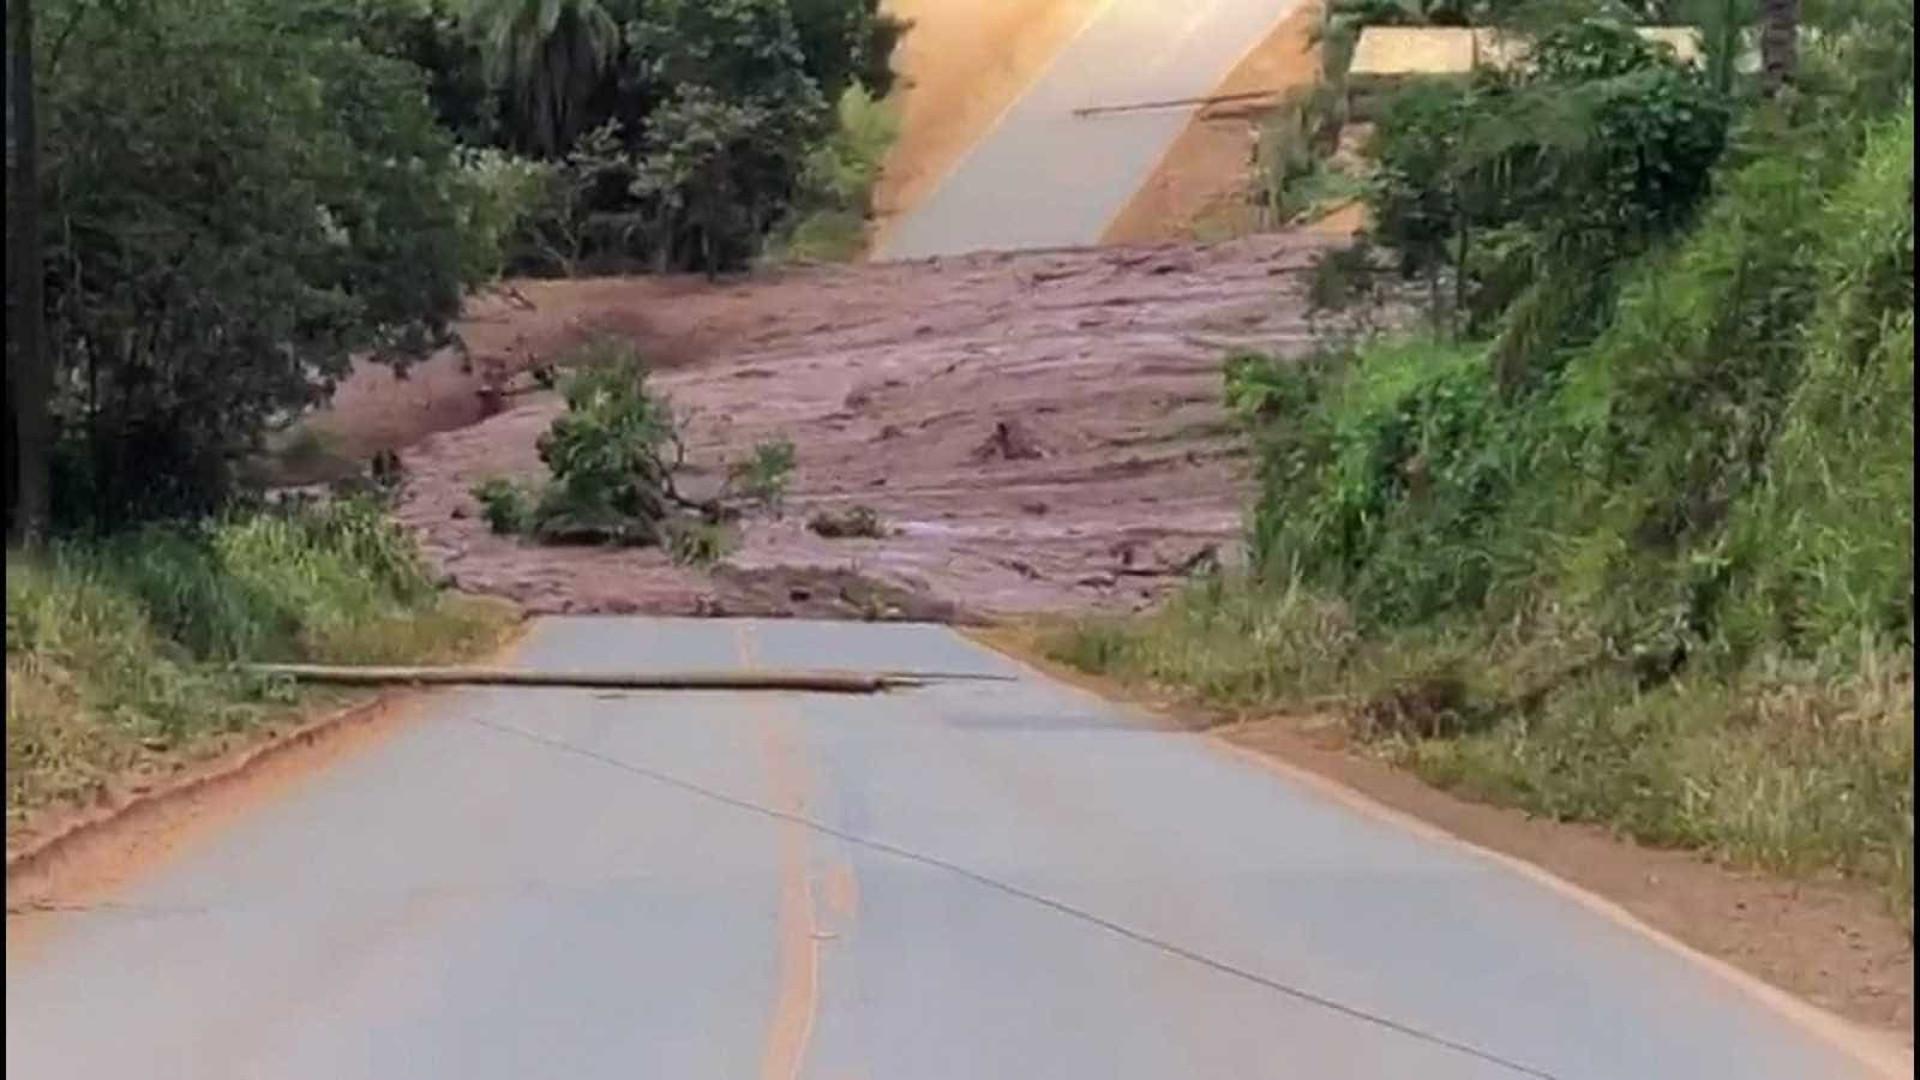 Gabinete de crise em Brumadinho é montado a 6 km do local da tragédia